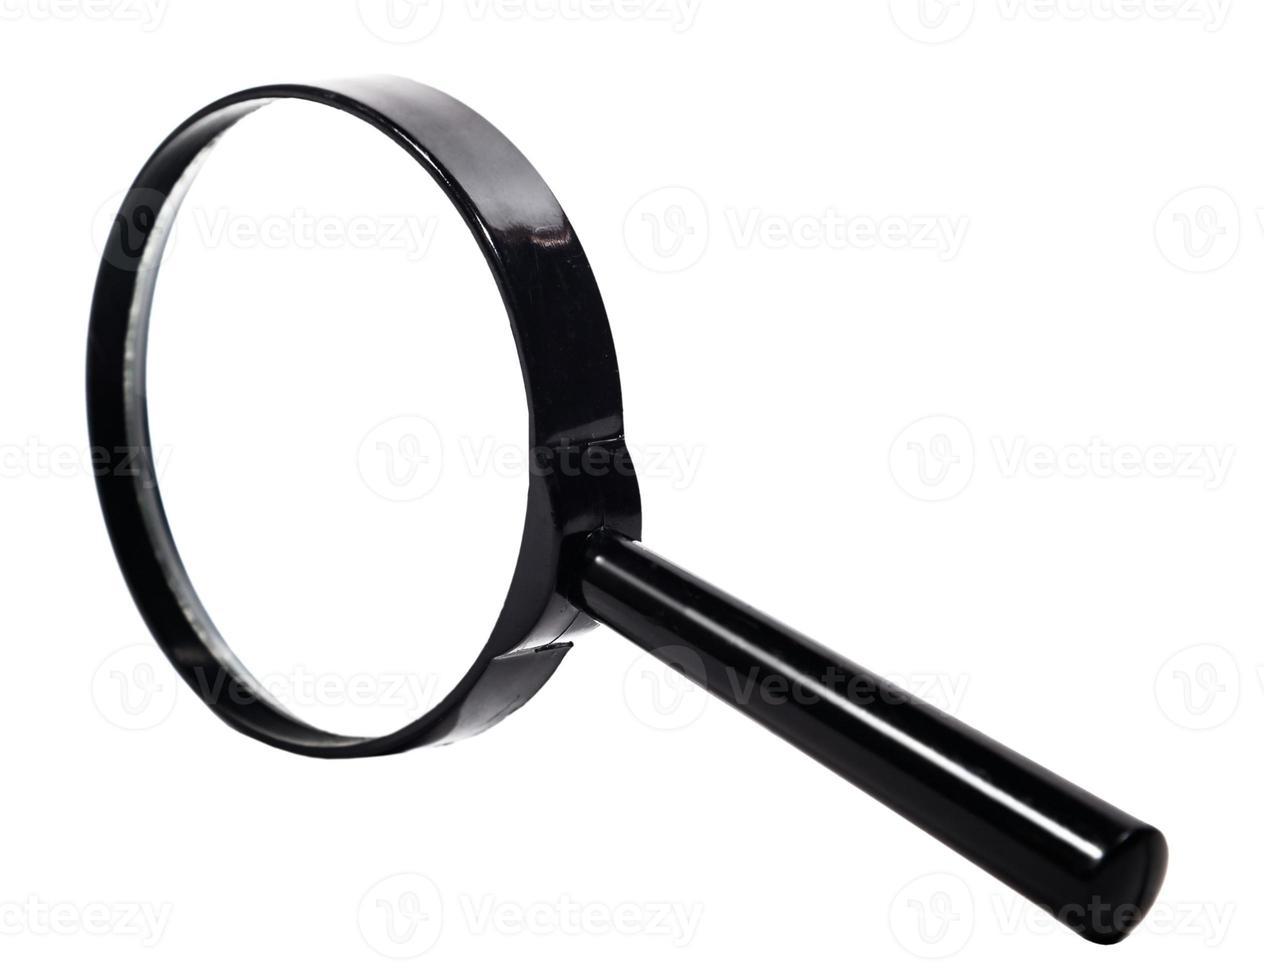 förstoringsglas närbild på isolerade foto